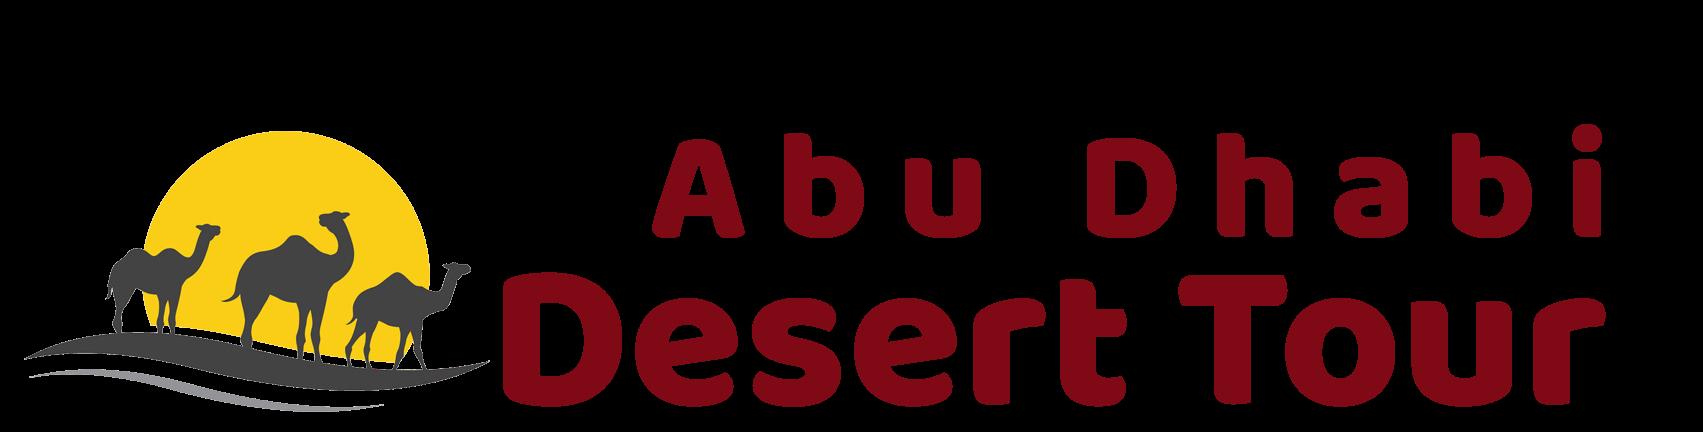 Abu Dhabi Desert Tour Logo